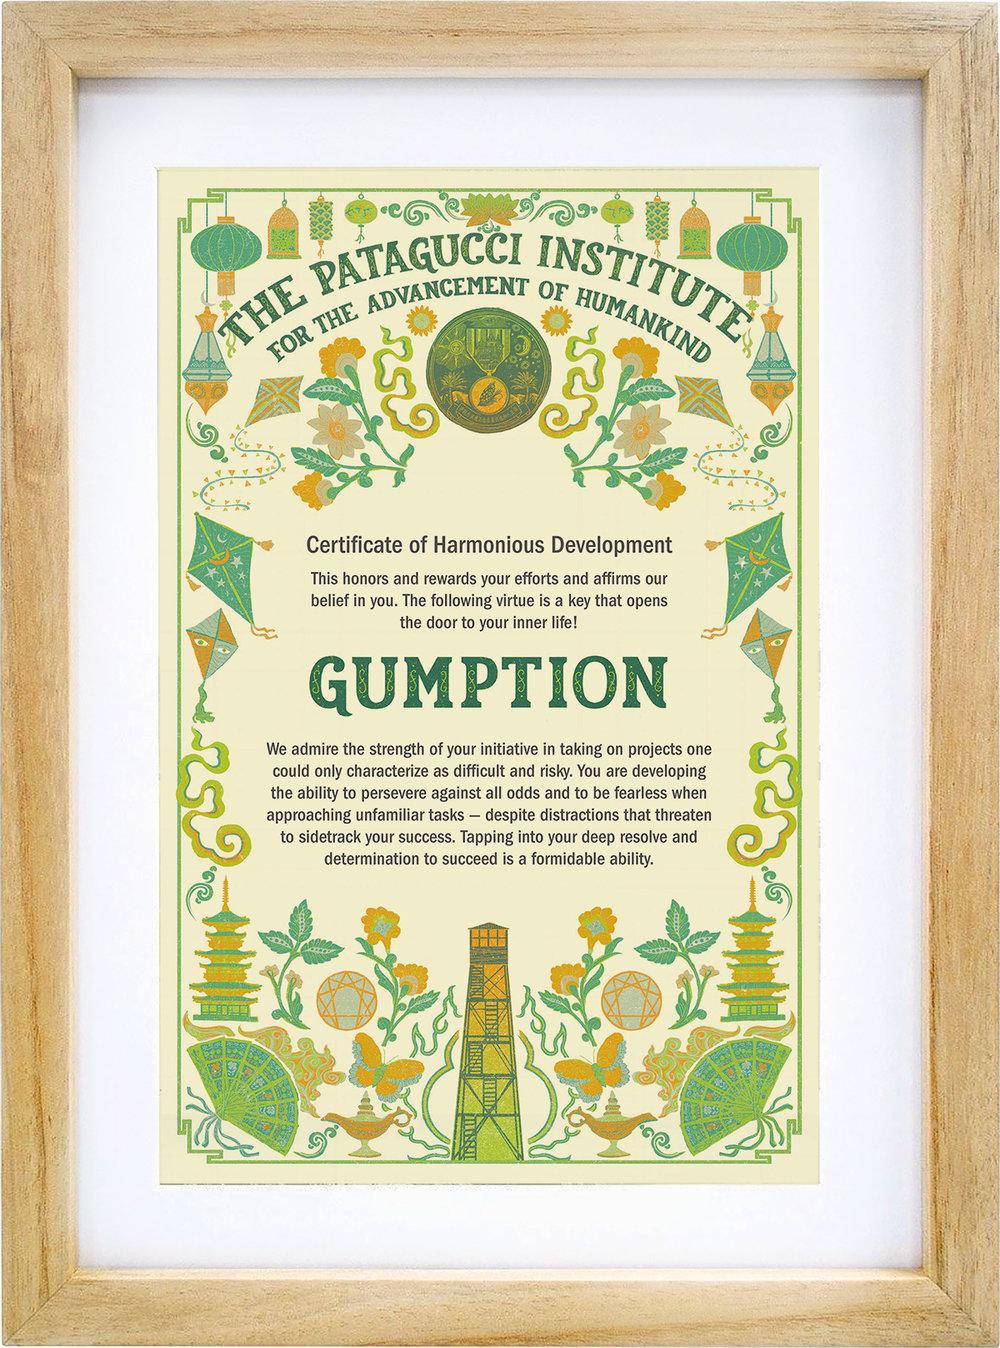 _Gumption_patagucci.jpg